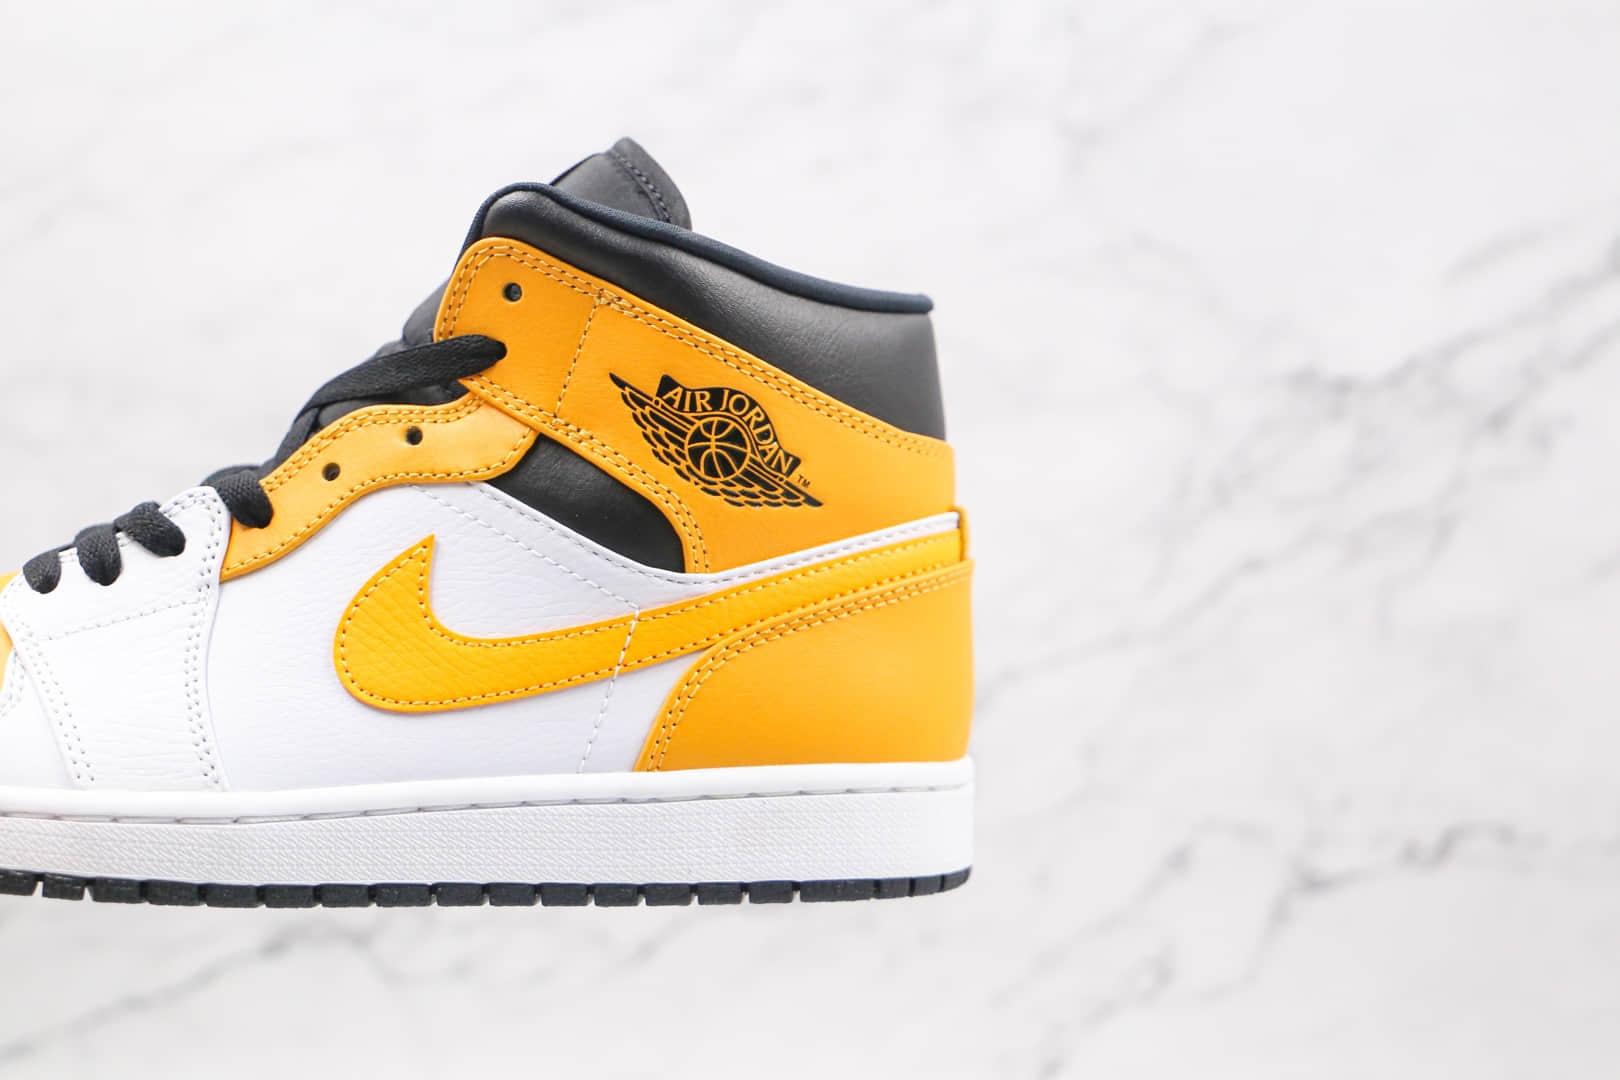 乔丹Air Jordan 1 Mid纯原版本中帮AJ1白黄色篮球鞋原档案数据开发 货号:554724-170